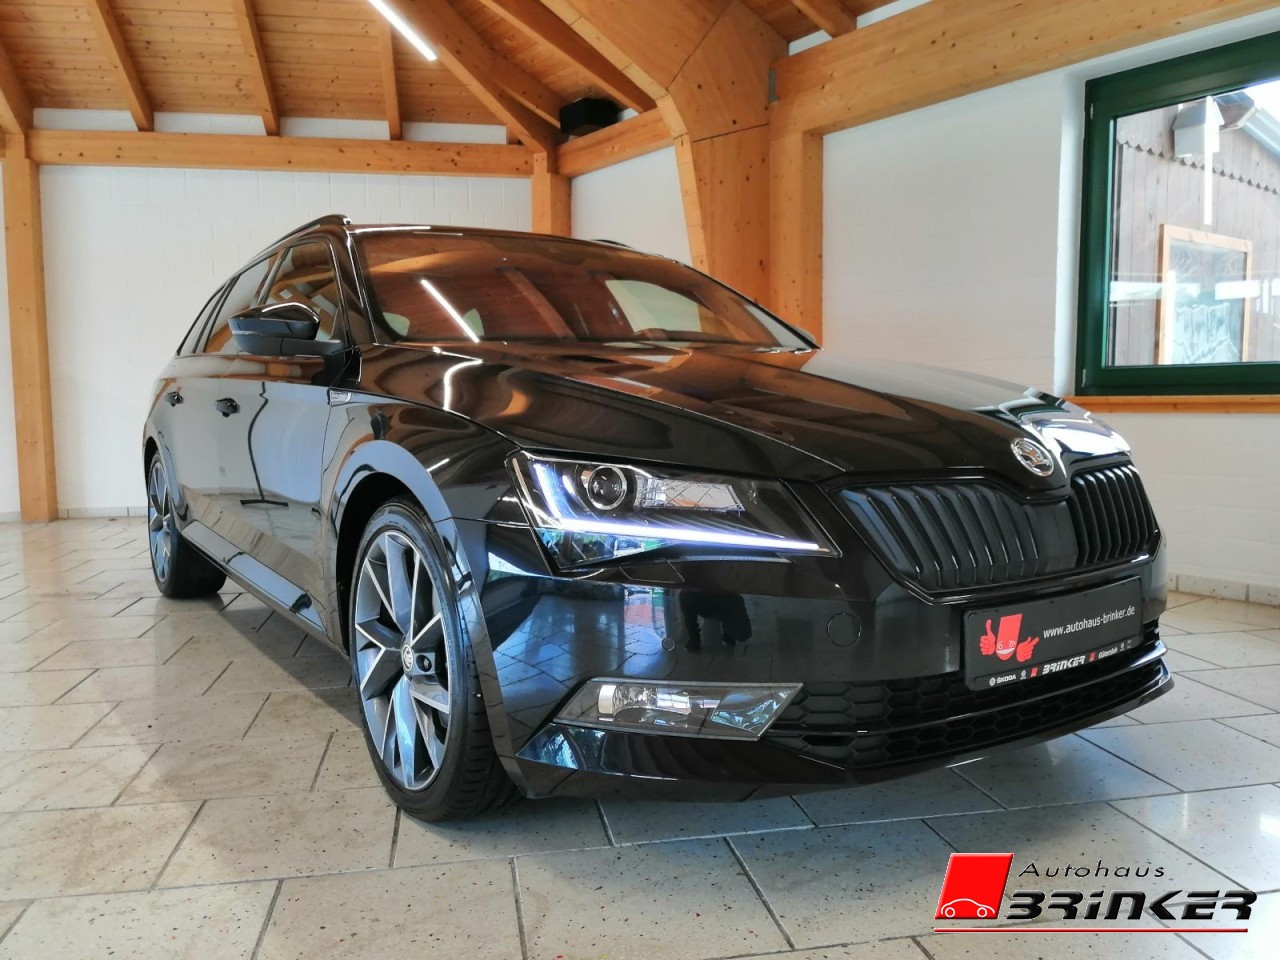 Skoda Superb Combi Sportline 2.0 TDI DSG 140 KW P-Dach, Jahr 2018, Diesel